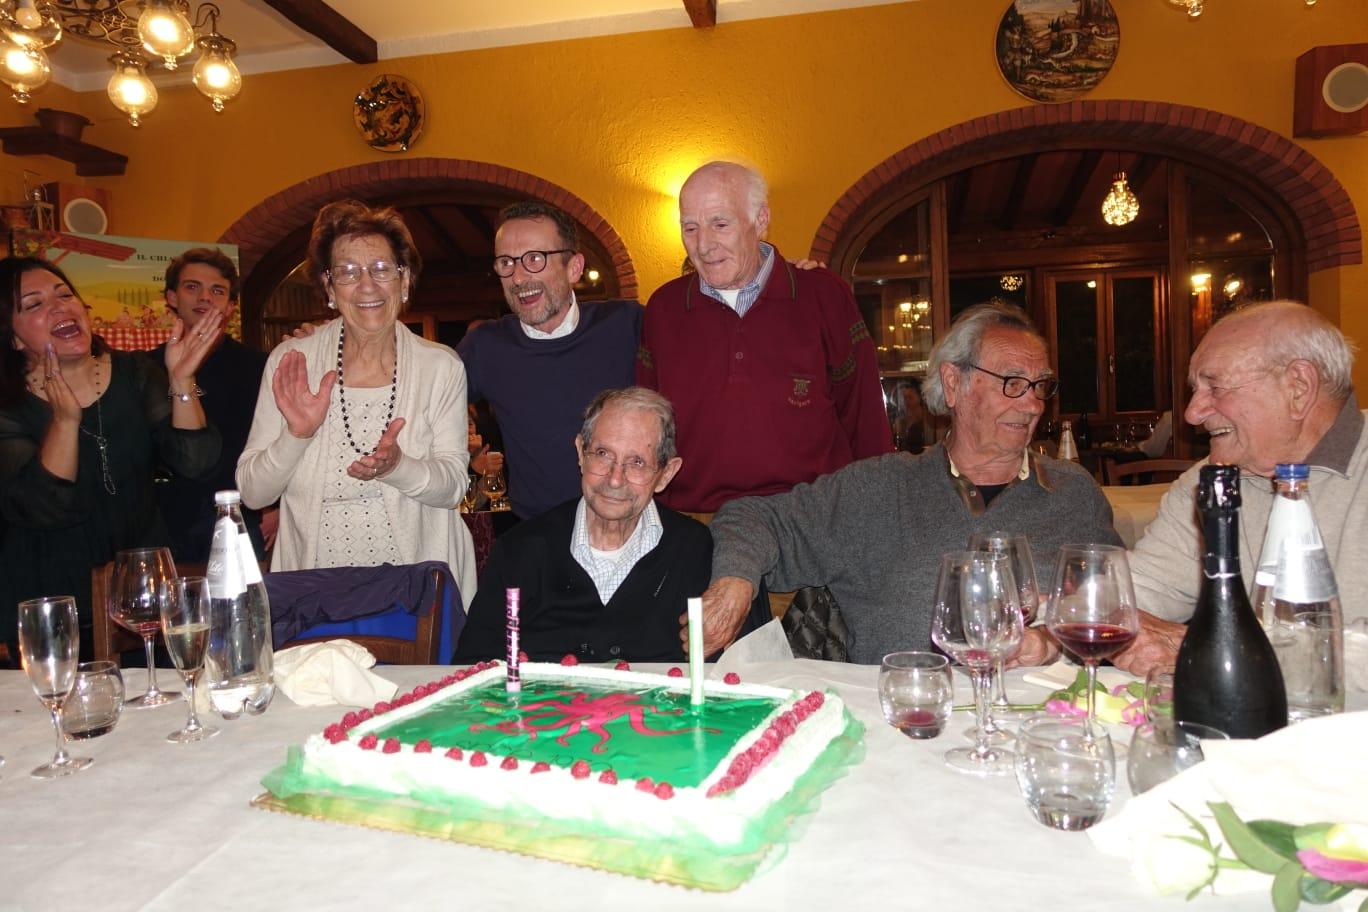 Viareggio piange la morte di Loris Pagni, protagonista storico del Carnevaldarsena